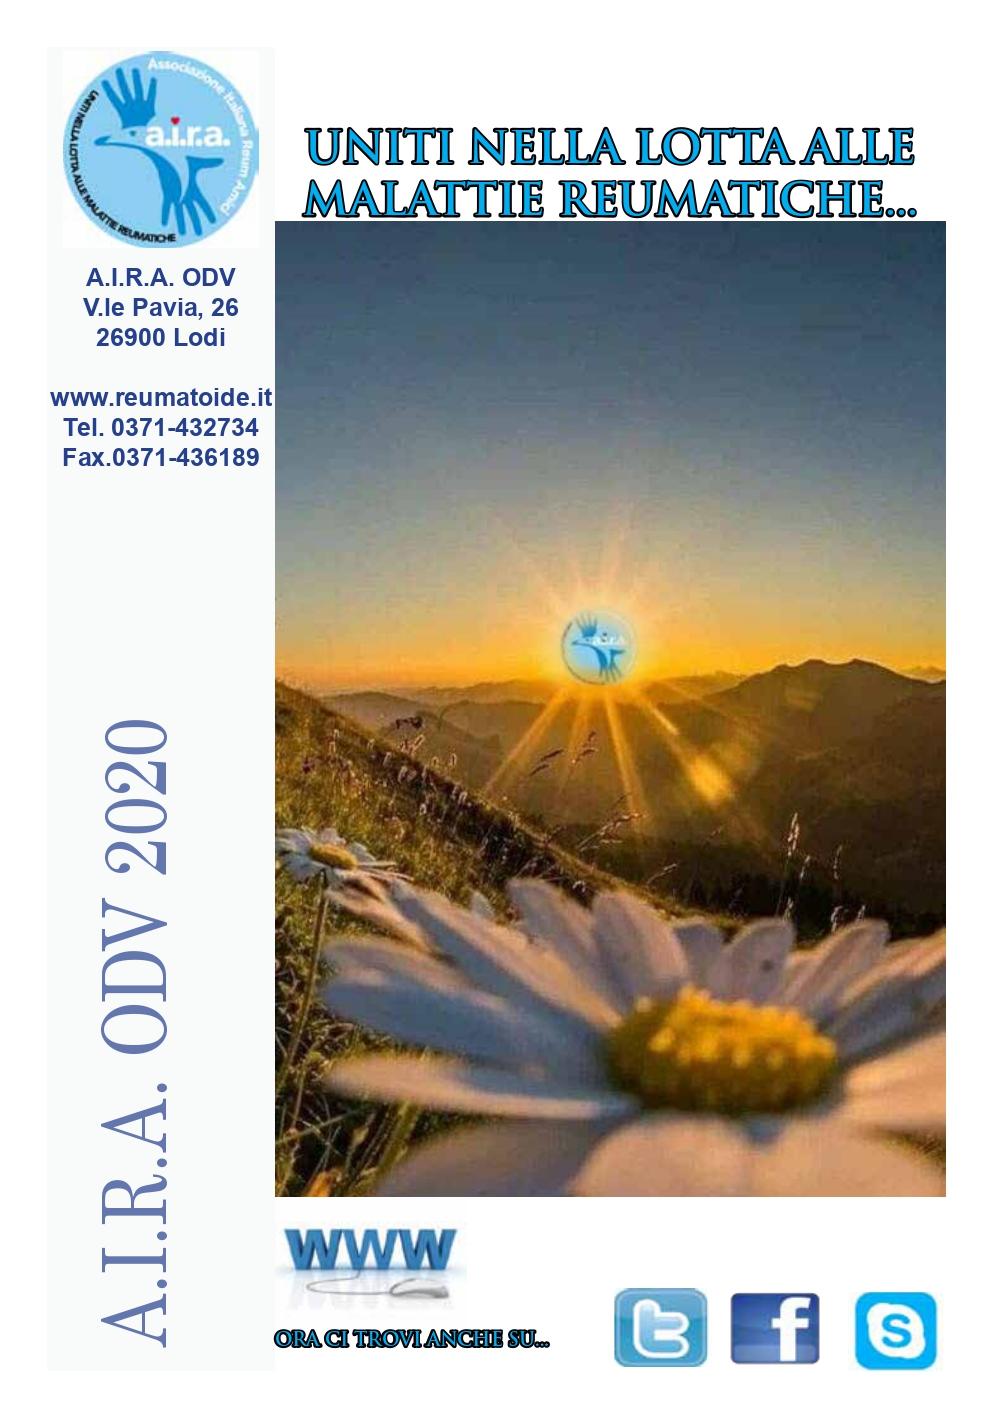 Copertina Giornale A.I.R.A 2020 x sito